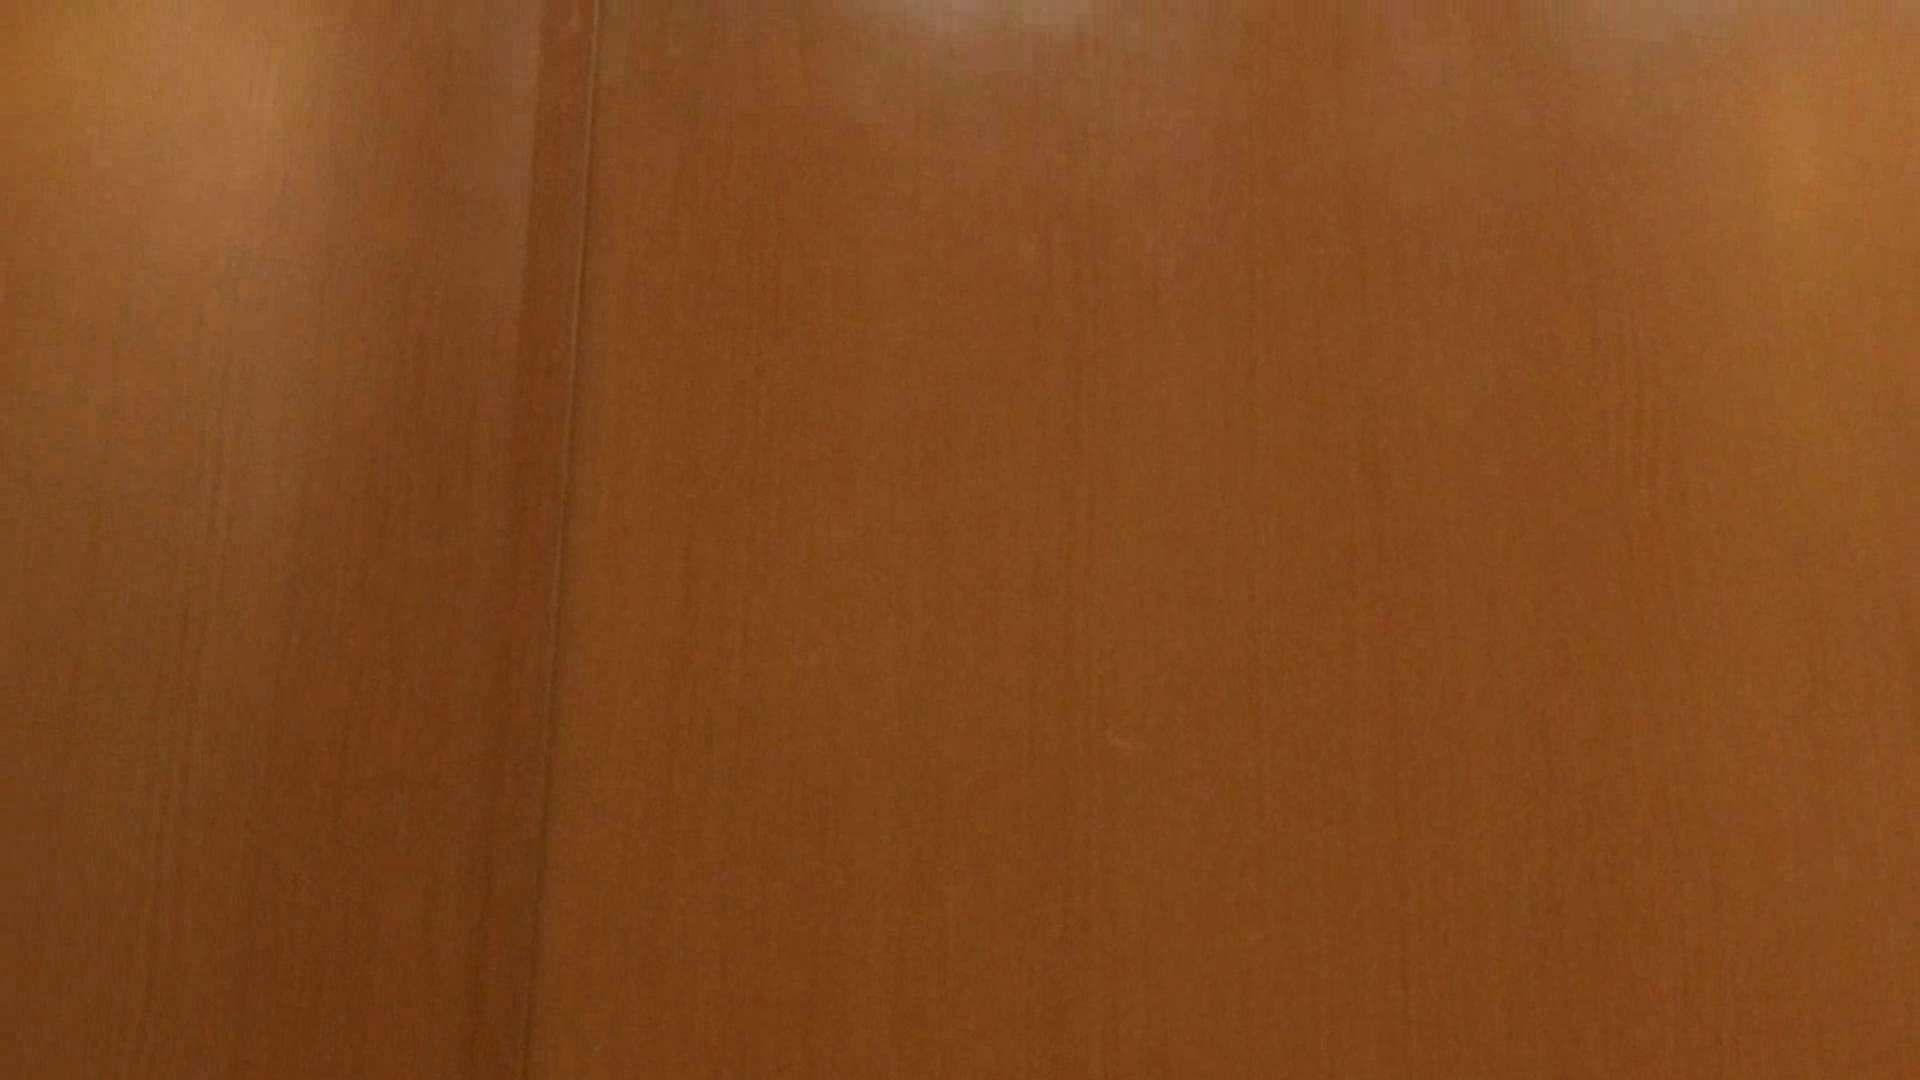 隣国化粧室下から御免!! No.06 美女 おめこ無修正動画無料 81連発 14